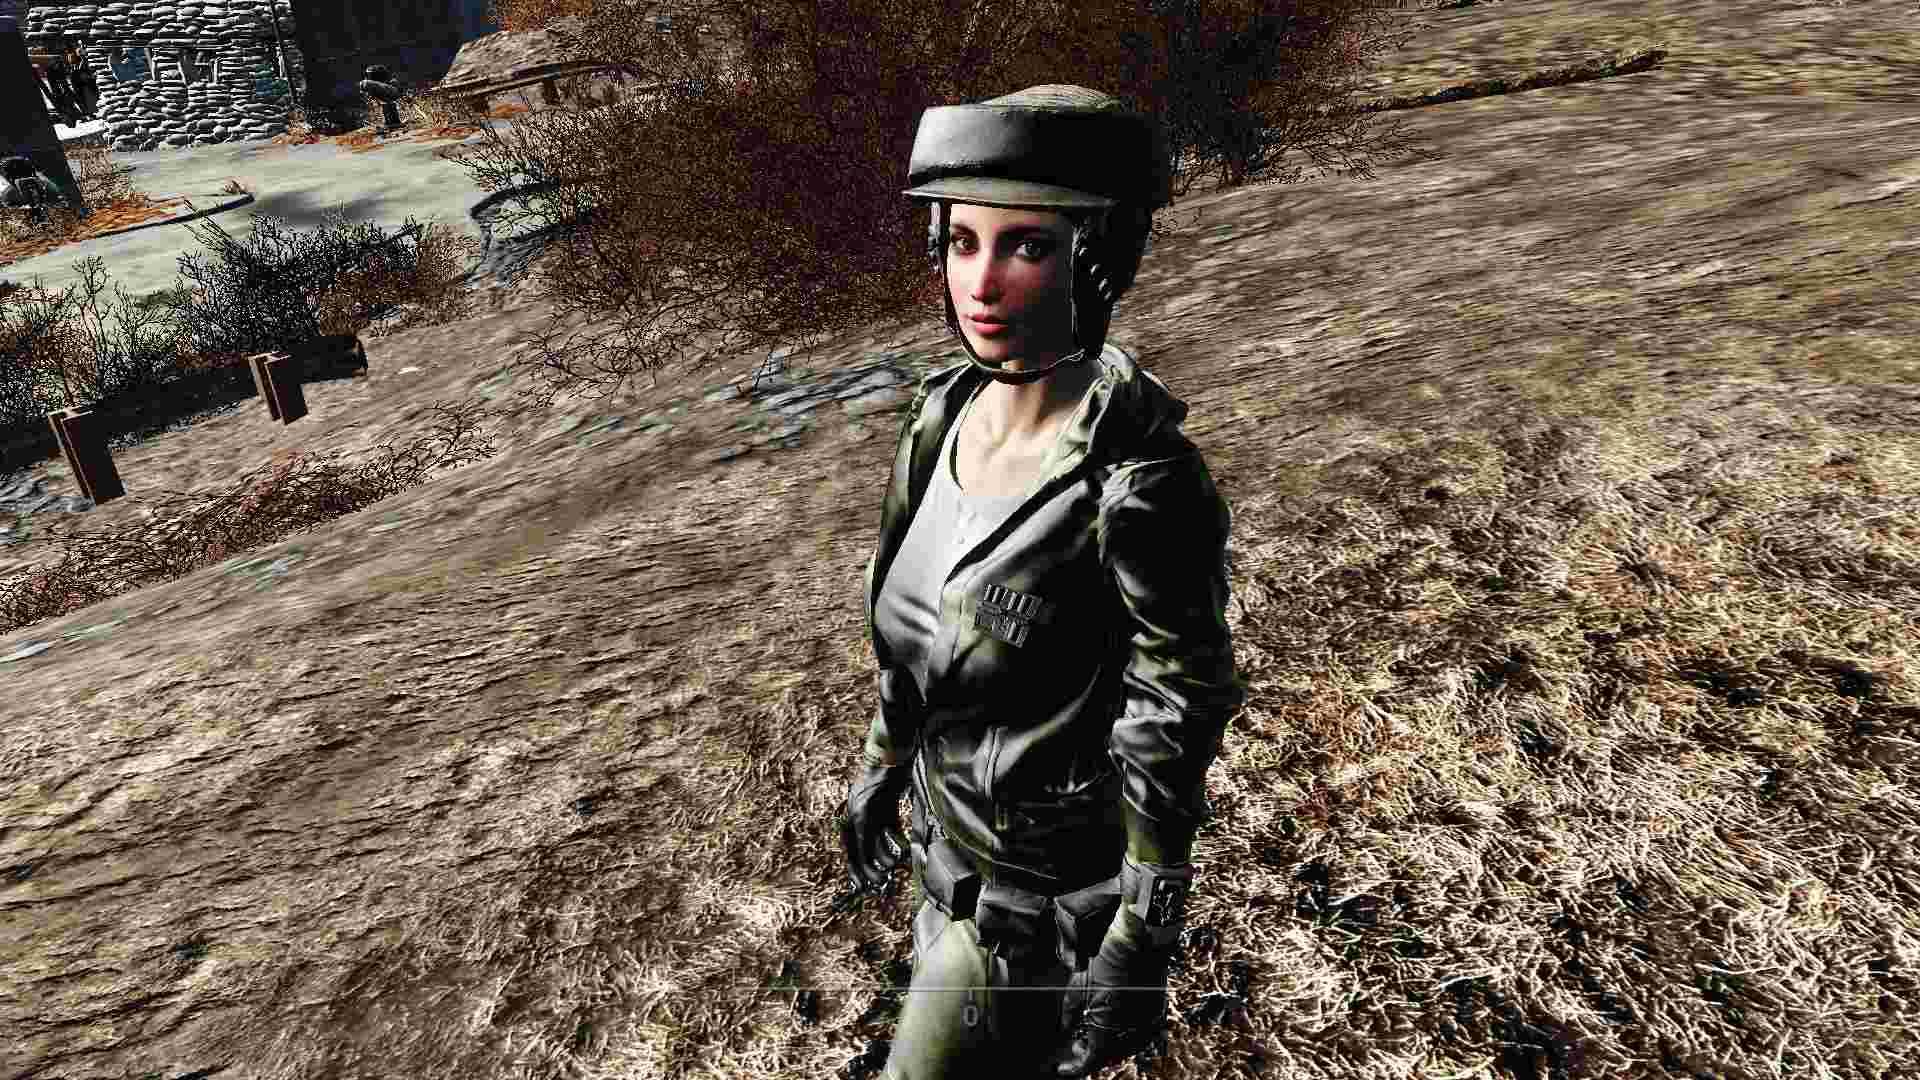 [Información] Rogue One en Fallout 4 20170113